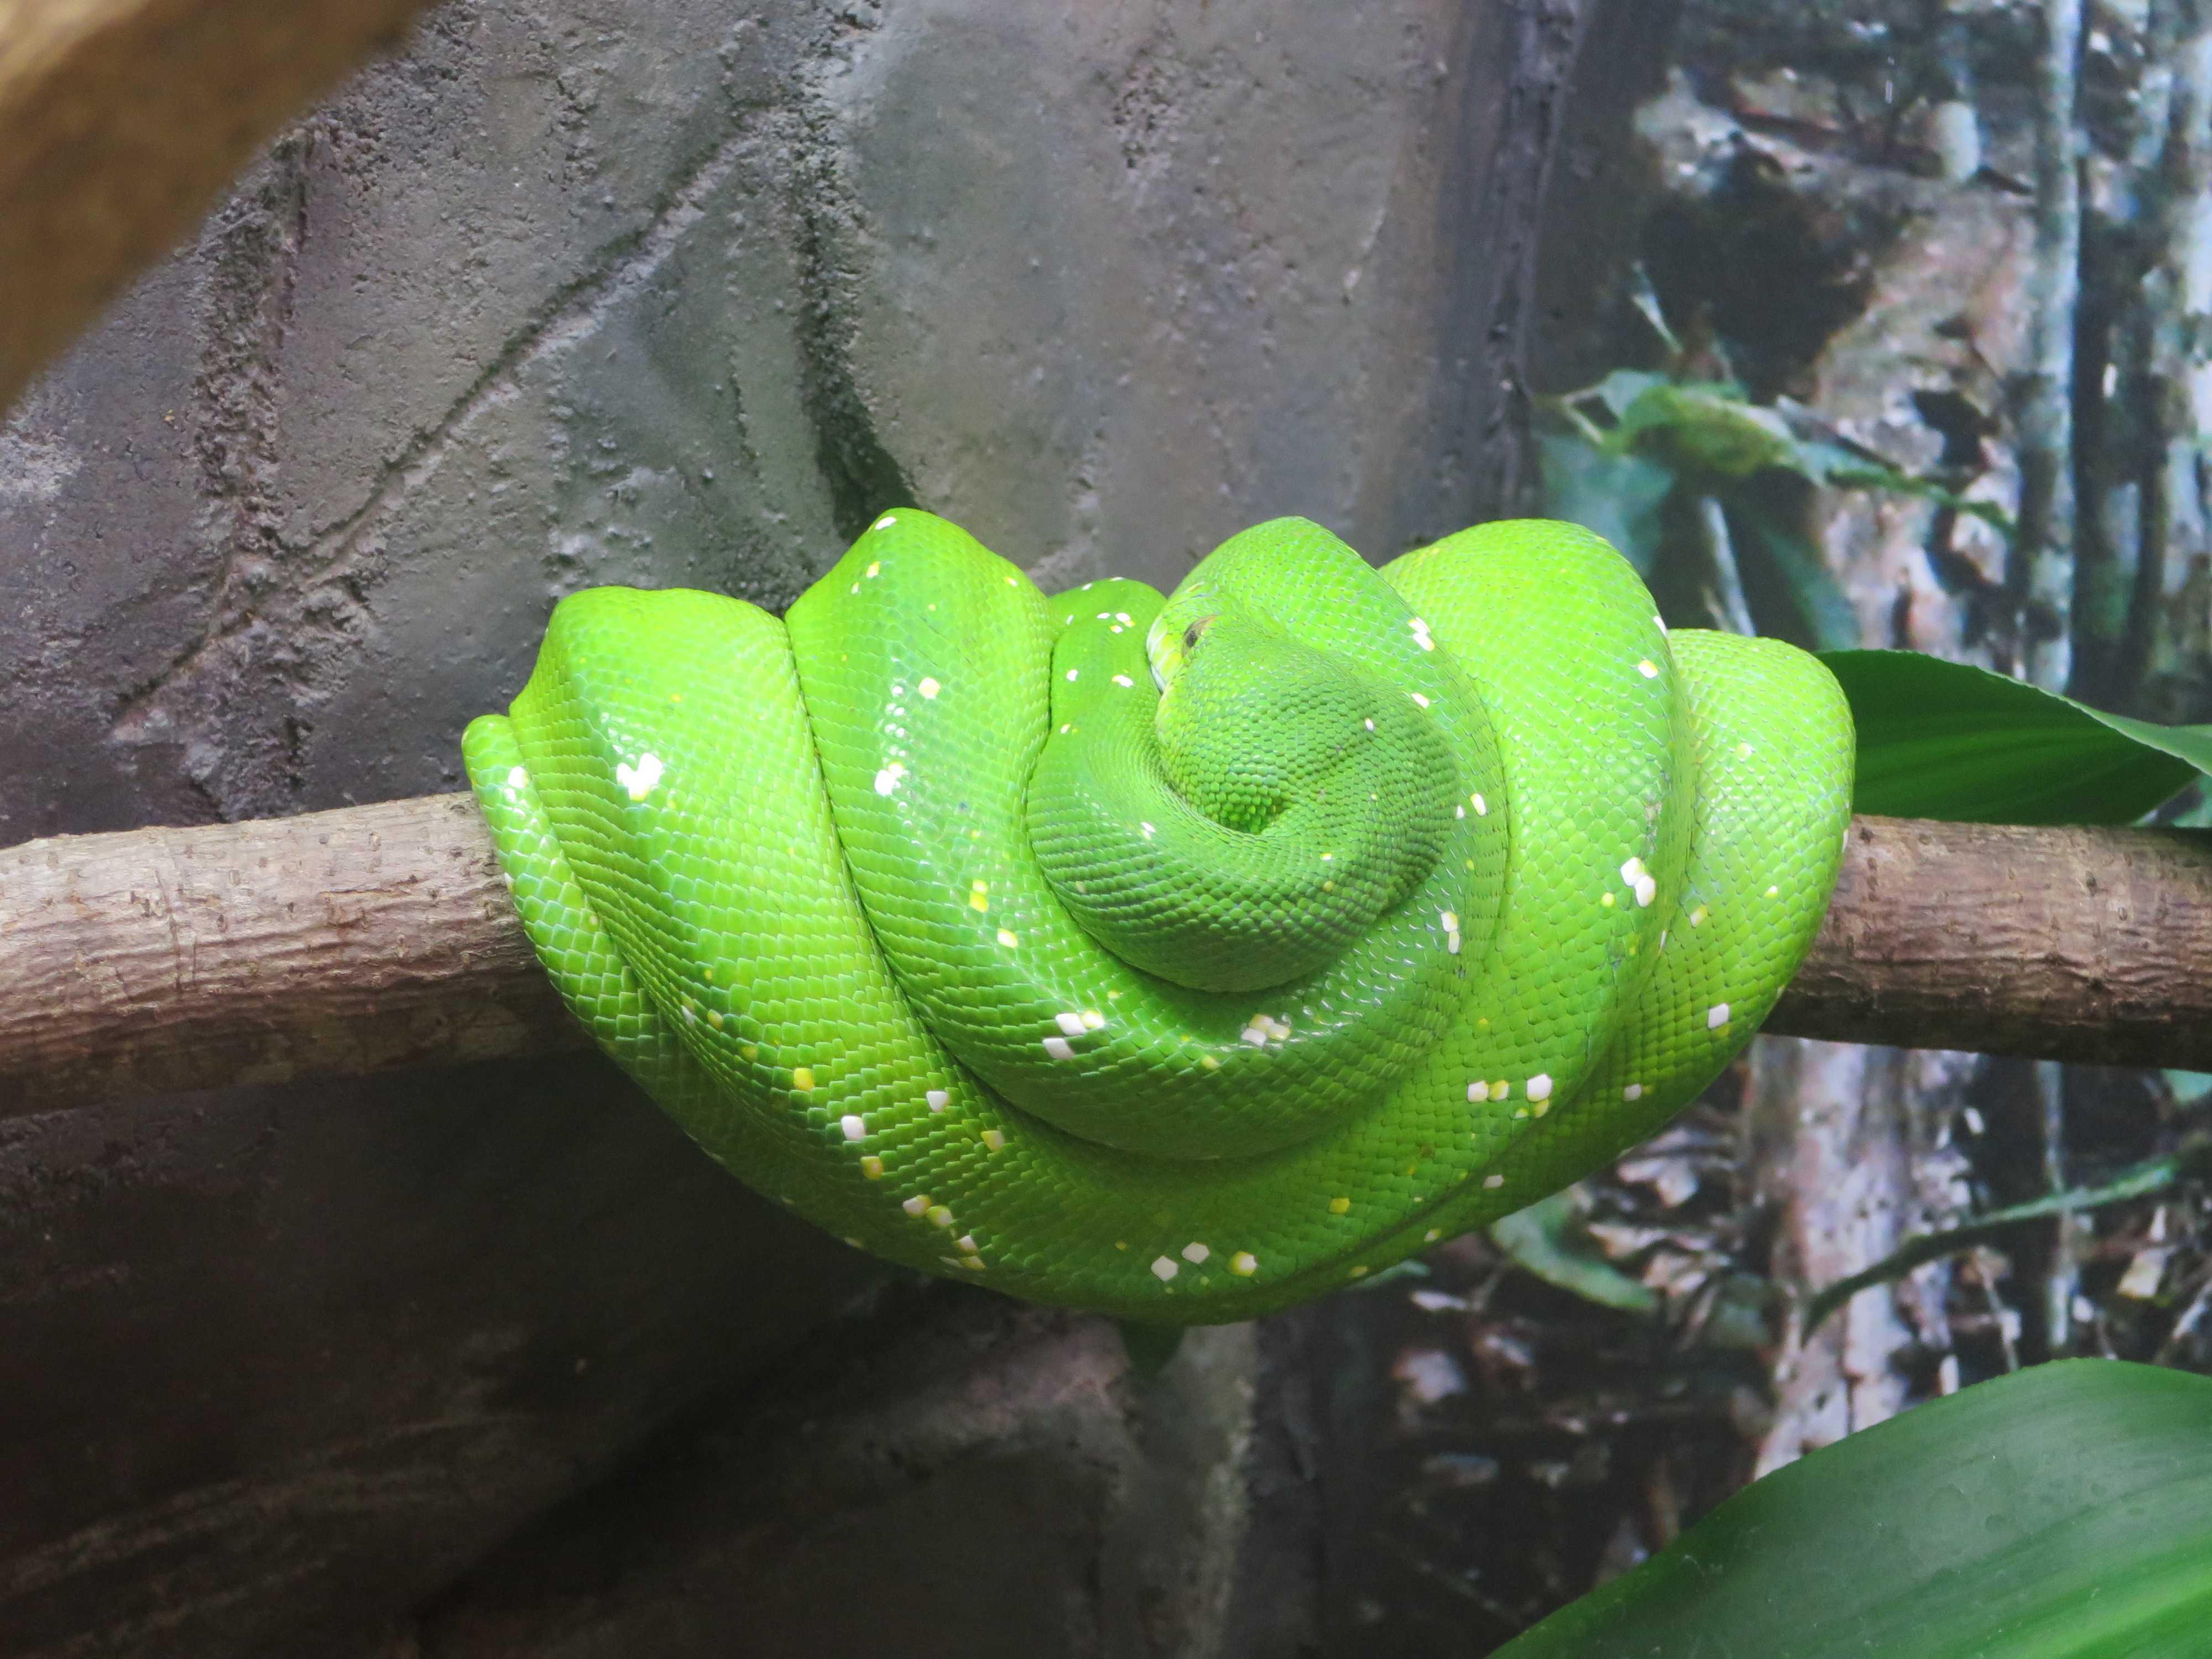 ケアンズトロピカルズー - 緑色のヘビ(蛇)